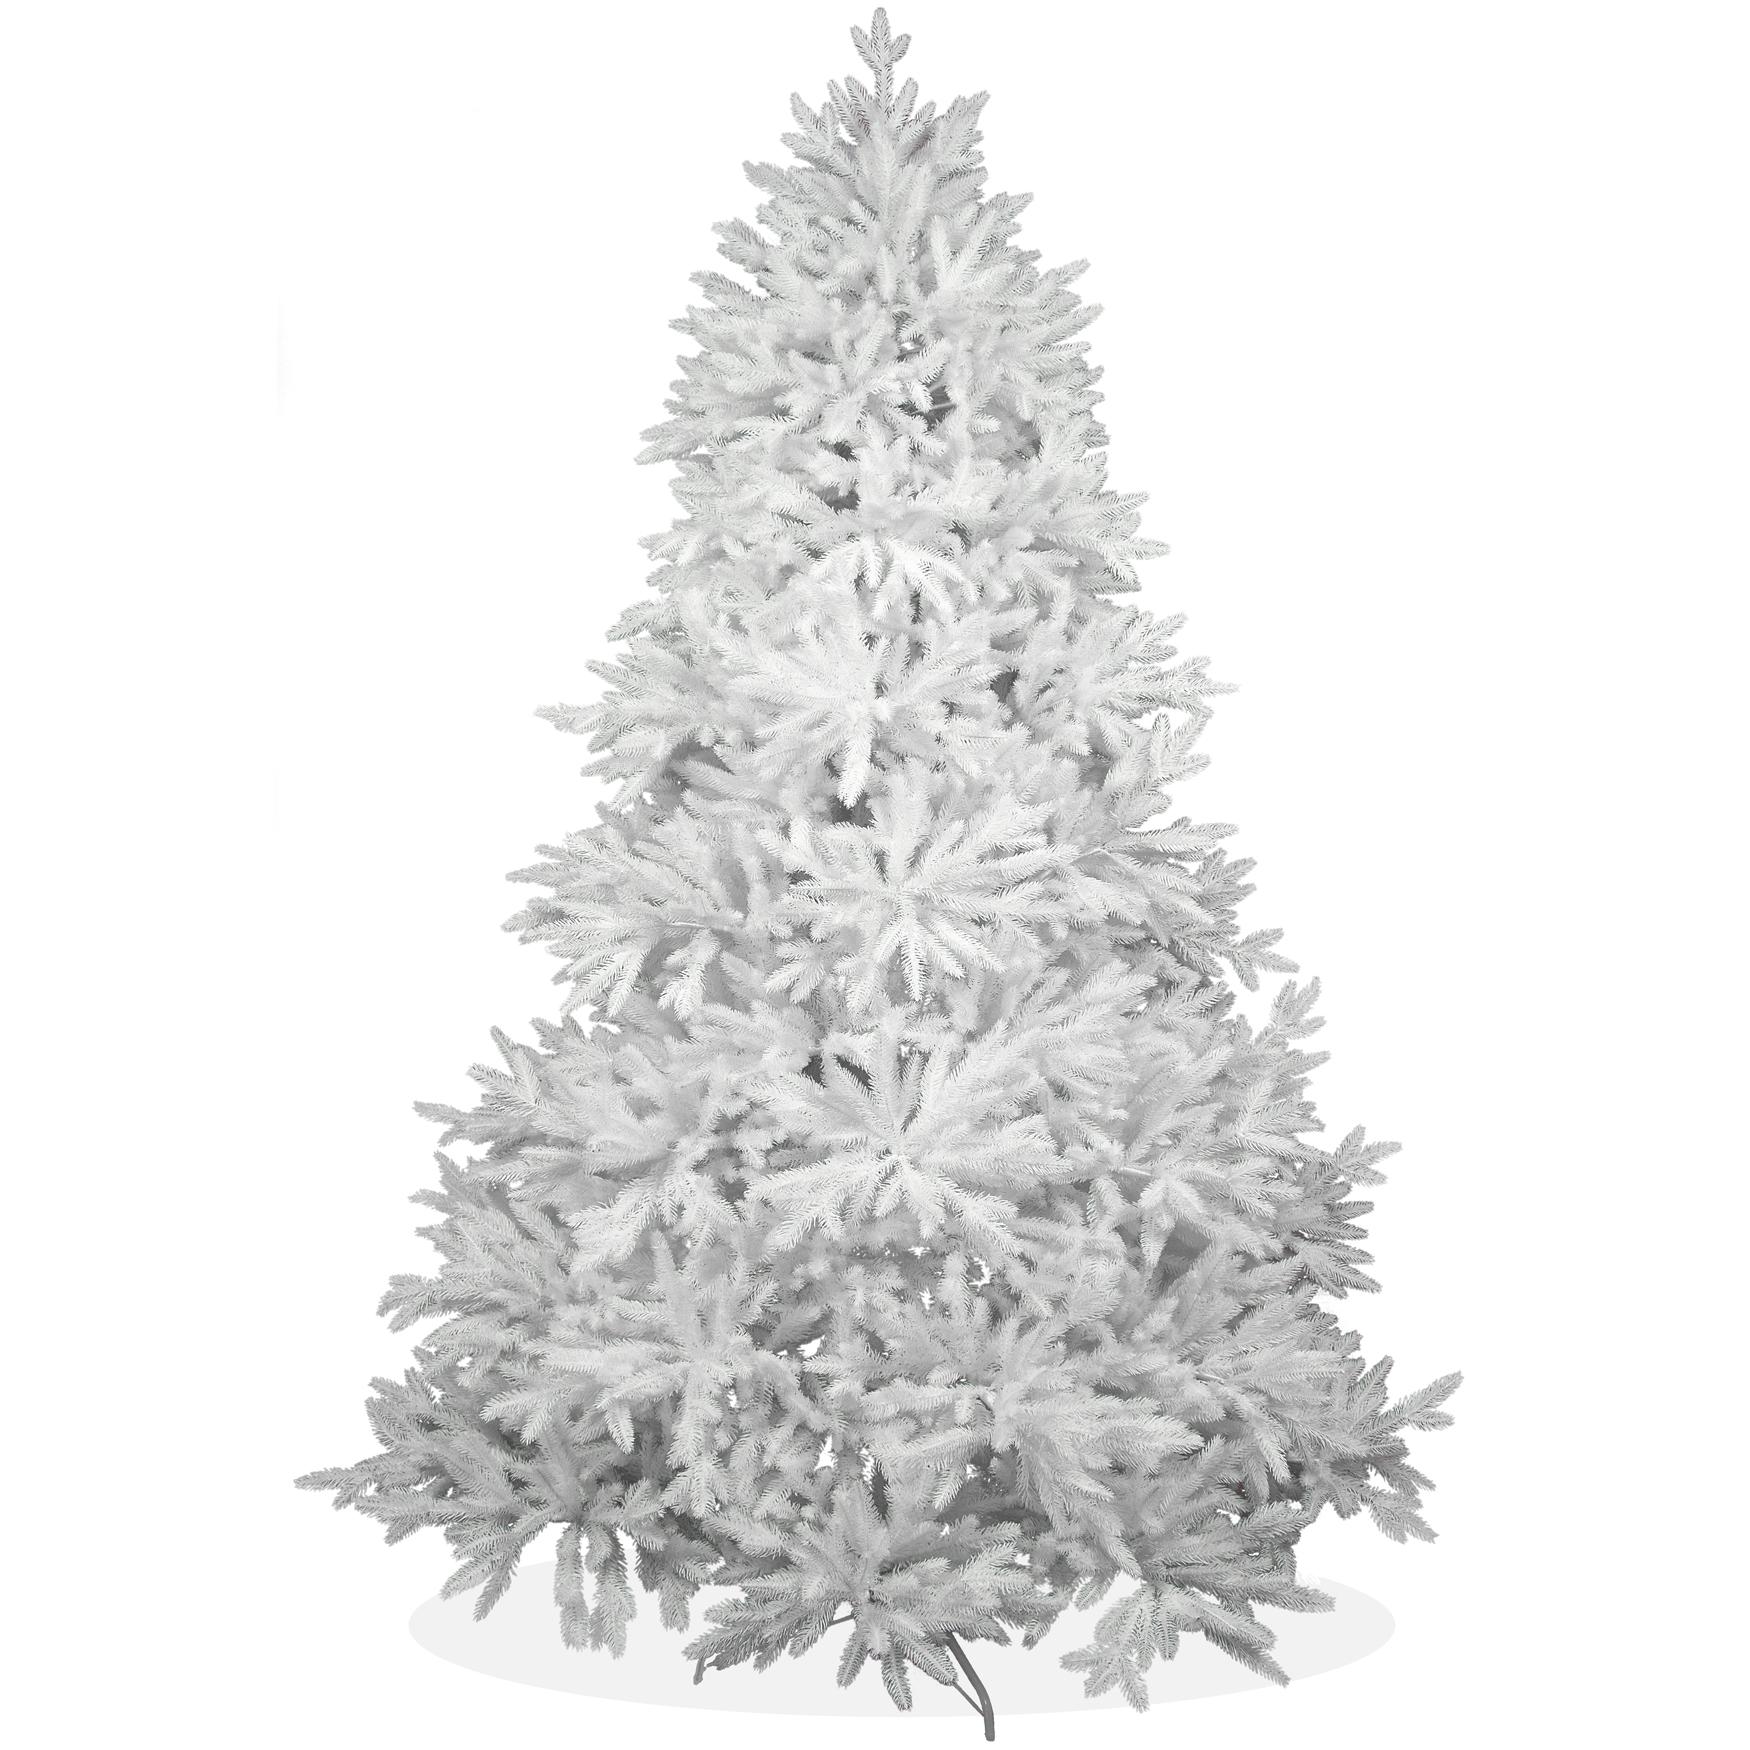 k nstlicher weihnachtsbaum 240cm deluxe pe spritzguss schneewei er tannenbaum nordmanntanne. Black Bedroom Furniture Sets. Home Design Ideas